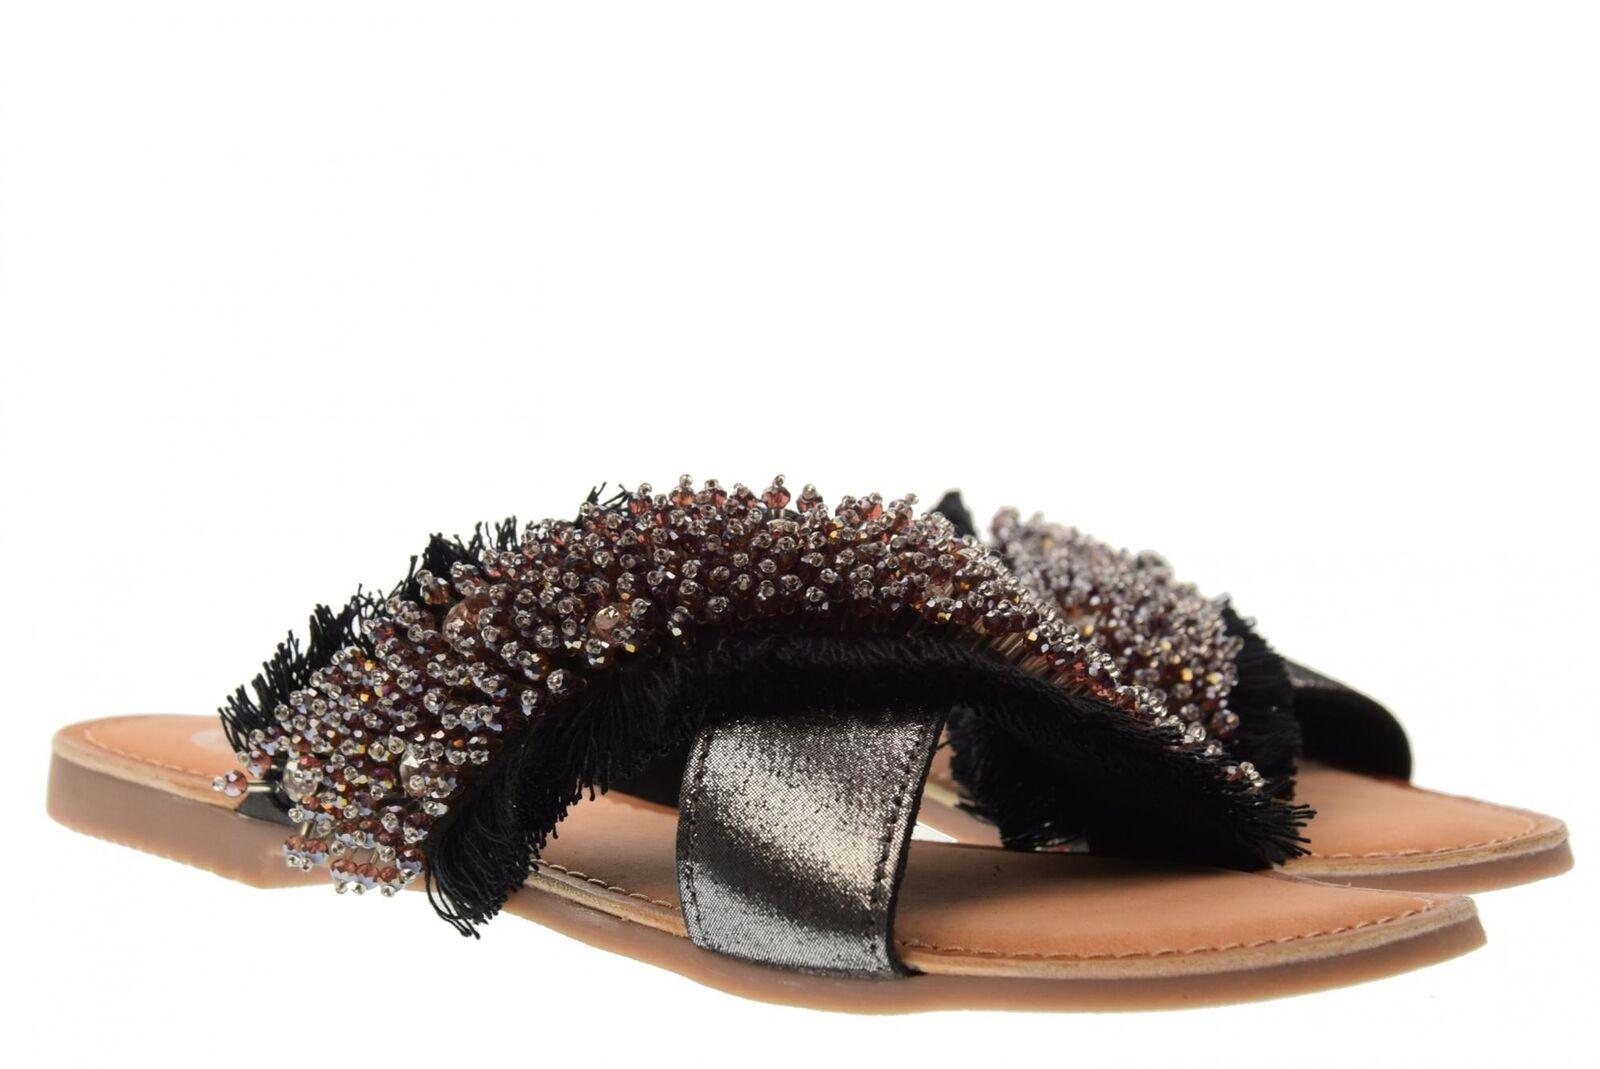 Gioseppo scarpe donna donna scarpe ciabatte basse 45307 NERO P18 e9cda7